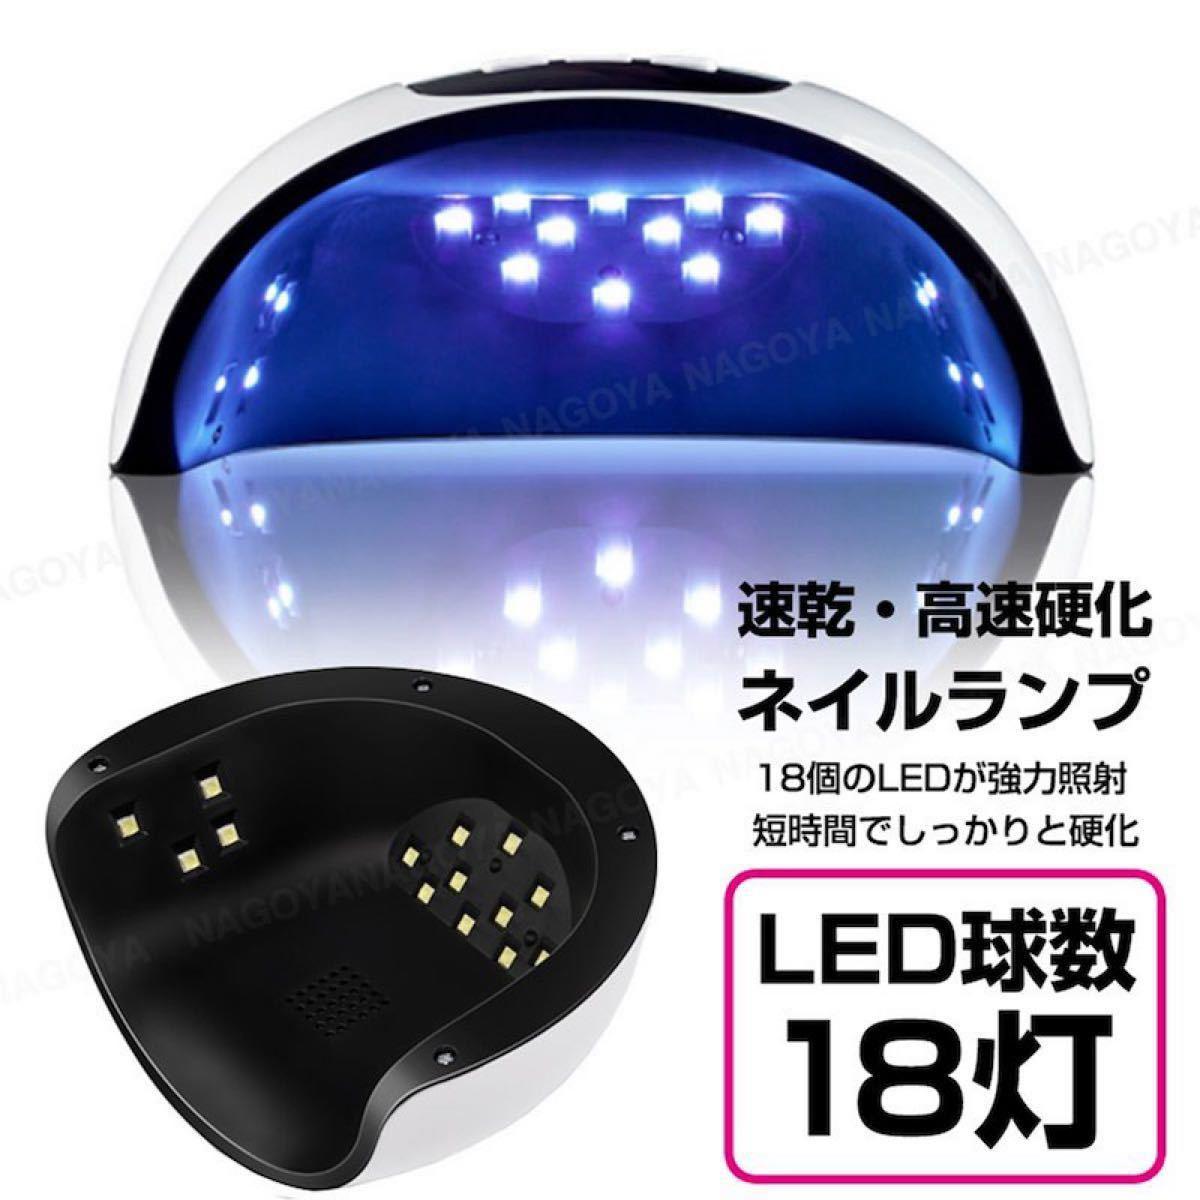 ラスト一つ!!ネイルライト 54W  ネイルドライヤー 白色 ジェル UVレジン LED